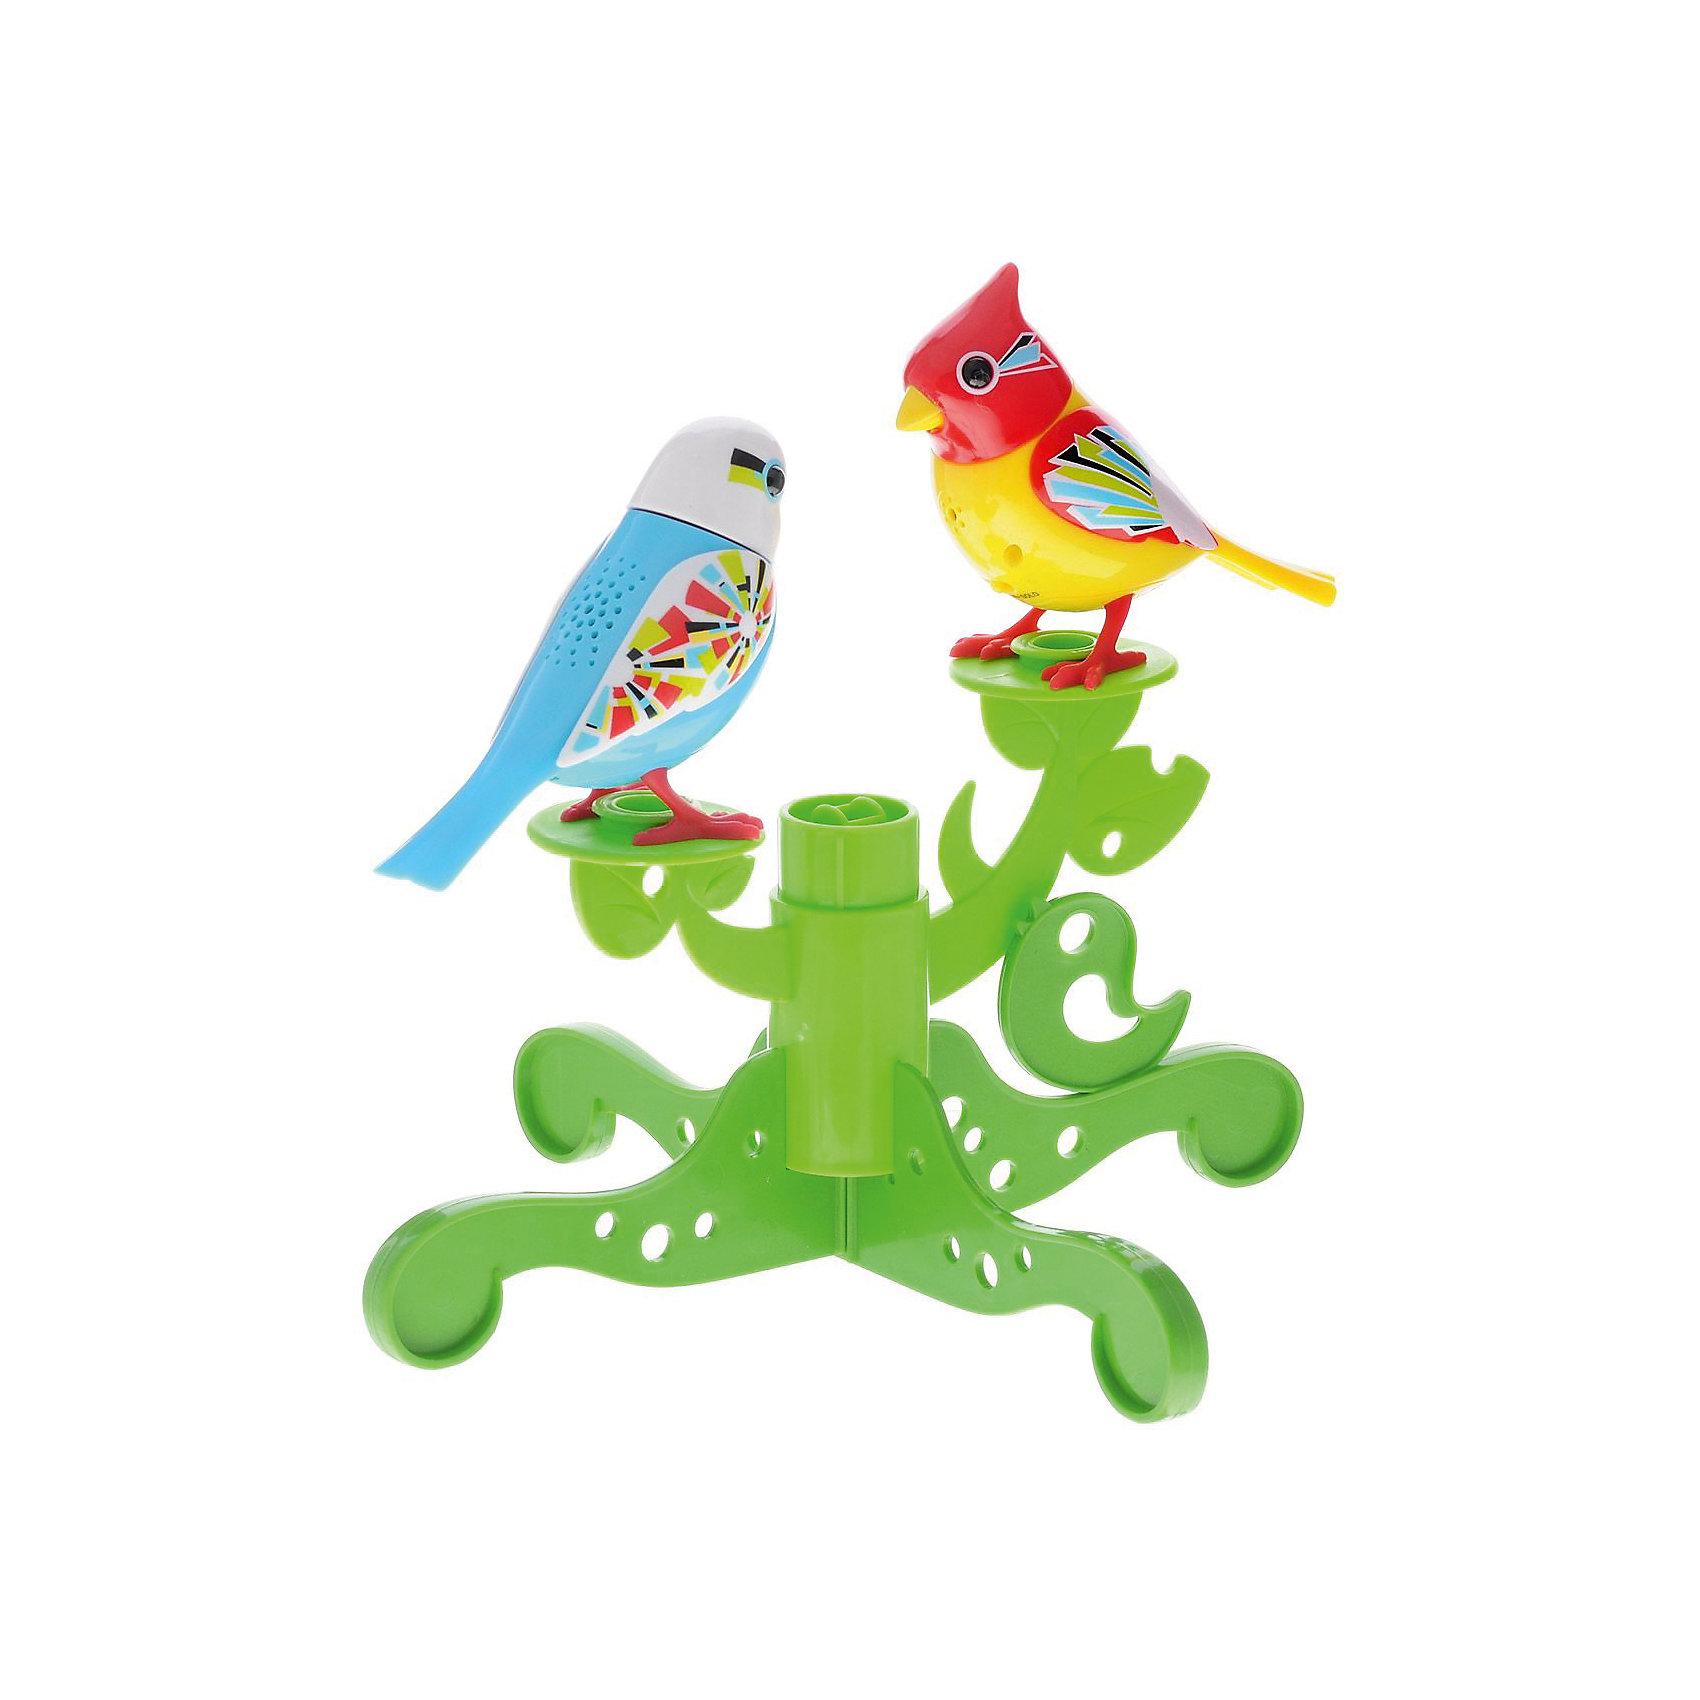 Две птички с деревом, DigiBirdsДве птички с деревом, желтые, DigiBirds, Silverlit (Сильверлит) ? интерактивный комплект от мирового производителя детских товаров Silverlit (Сильверлит). Птички располагаются на ветвят деревьев. Их творческий репертуар состоит из 55 песенок, которые исполняются как в сольном виде, так и в хоровом, они не только поют заученные песенки, но и способны разучивать новые. Птички выполнены из высокопрочного пластика ярких расцветок. Активируется птички тремя способами: достаточно подуть или посвистеть в свисток, который идет в комплекте, или резко взмахнуть по воздуху, держа птичек в руках. <br>Две птички с деревом, желтые, DigiBirds, Silverlit (Сильверлит)  ? совершенно уникальная игрушка, которая не только развлекает вашего ребенка, но и занимается его музыкальным развитием. В первую очередь, она способствует формированию музыкального слуха и памяти. Простые действия: подуть в свисток, подуть на сову ? простые, но очень эффективные упражнения, которые направлены на развитие речевого аппарата.<br>Две птички с деревом, желтые, DigiBirds, Silverlit (Сильверлит) ? это не только миниатюрный музыкальный центр для вашего ребенка, но и оригинальный предмет интерьера.<br><br>Дополнительная информация:<br><br>- Вид игр: сюжетно-ролевые игры <br>- Предназначение: для дома<br>- Дополнительные функции: синхронизация со всеми персонажами DigiFriends; совместимость с другими наборами птичек с деревом<br>- Батарейки: 3 шт. LR44<br>- Материал: высококачественный пластик<br>- Размер (ДхШхВ): 5,7*24,8*24,8 см<br>- Вес: 330 г<br>- Комплектация: 2 птички, свисток-кольцо, инструкция, подставка-дерево, батарейки<br>- Особенности ухода: протирать влажной губкой<br><br>ВНИМАНИЕ! Данный артикул имеется в наличии в разных цветовых исполнениях (зеленый, желтый). К сожалению, заранее выбрать определенный цвет невозможно. <br><br>Подробнее:<br><br>• Для детей в возрасте: от 3 лет и до 7 лет <br>• Страна производитель: Китай<br>• Торговый бренд: Silverlit<br><br>Двух пт